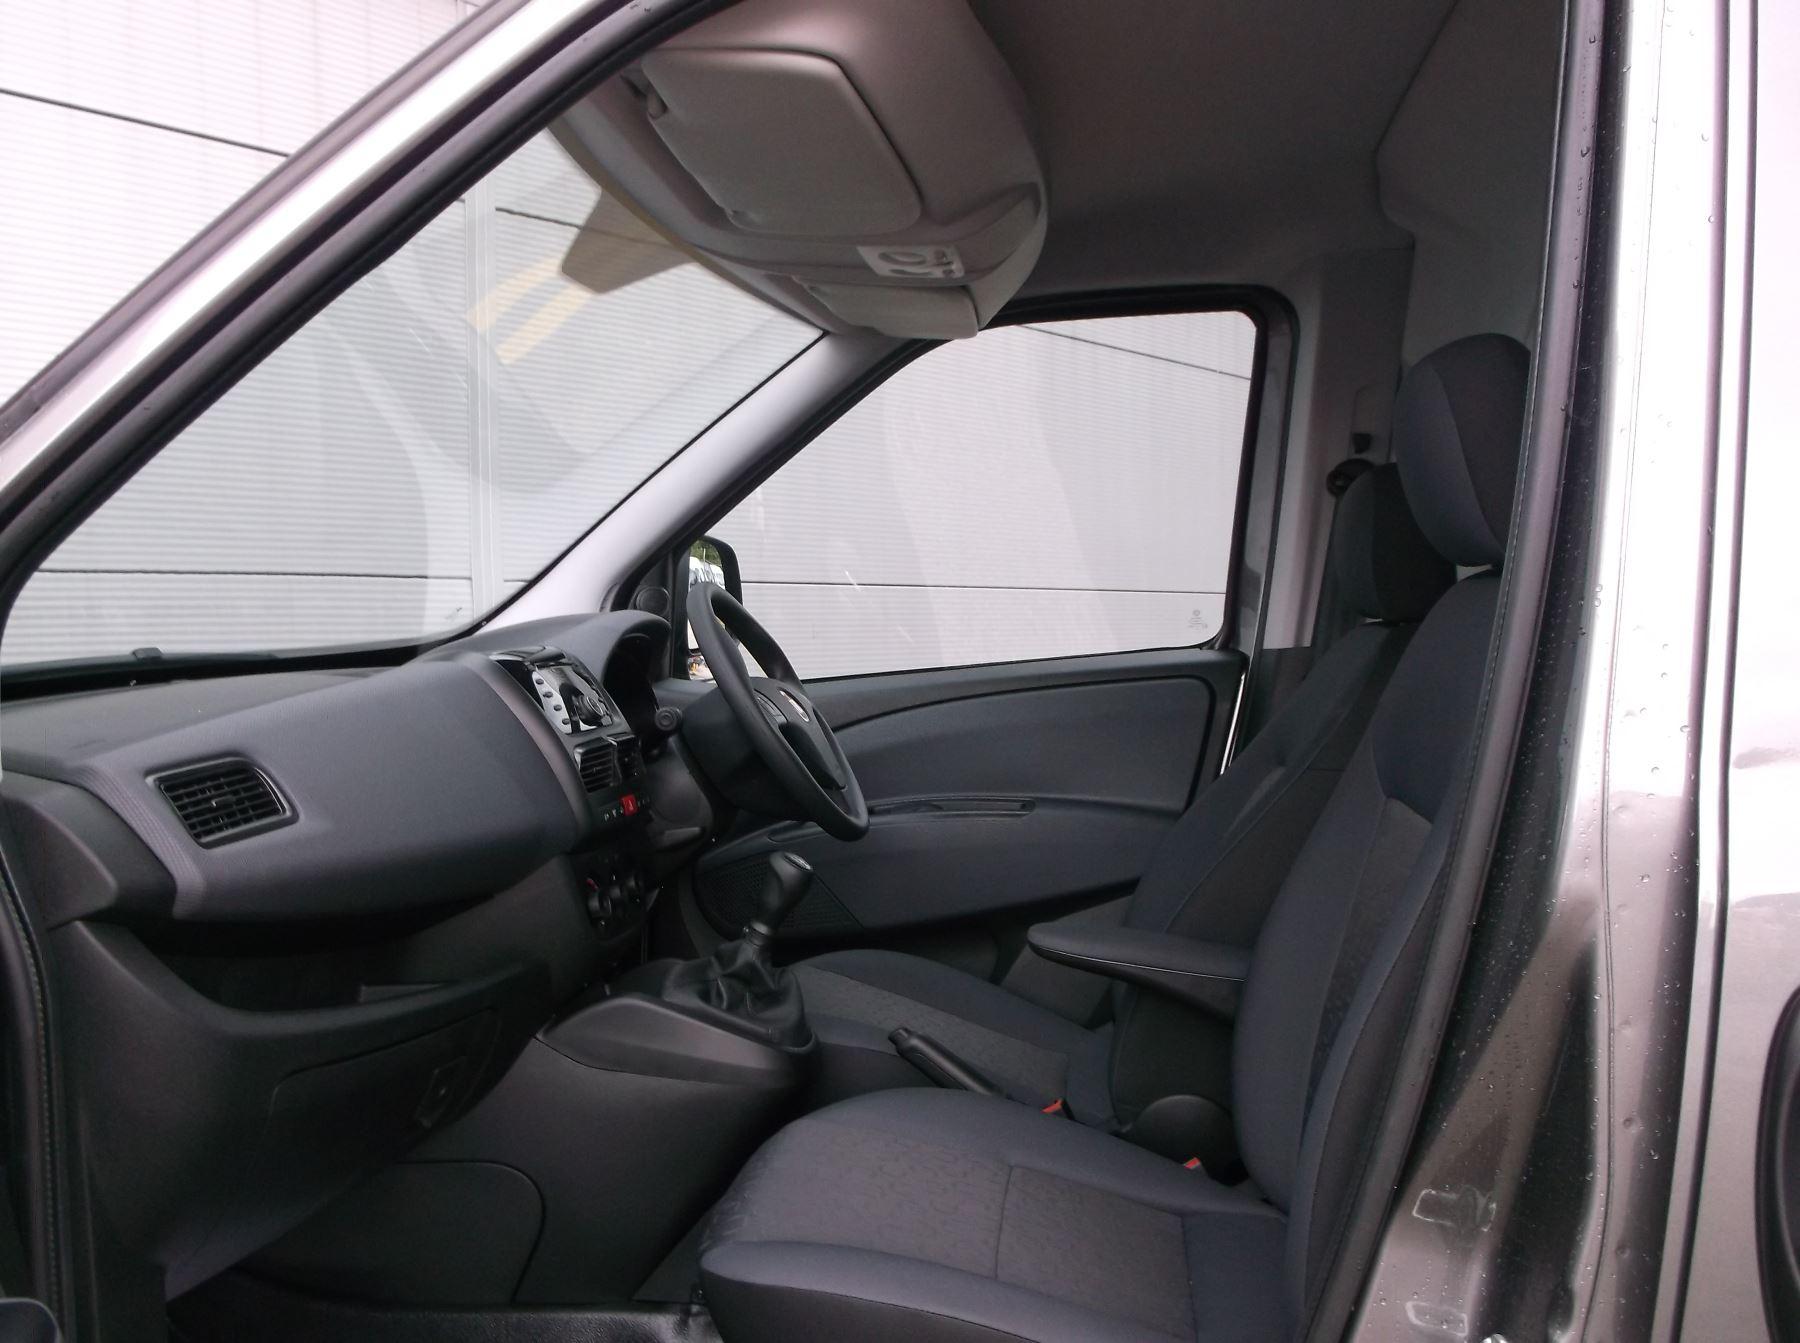 Fiat Doblo Cargo MAXI L2 DIESEL Multijet 16V Tecnico 1.6 105bhp   Aircon Cruise Rev sensors  Euro 6 image 6